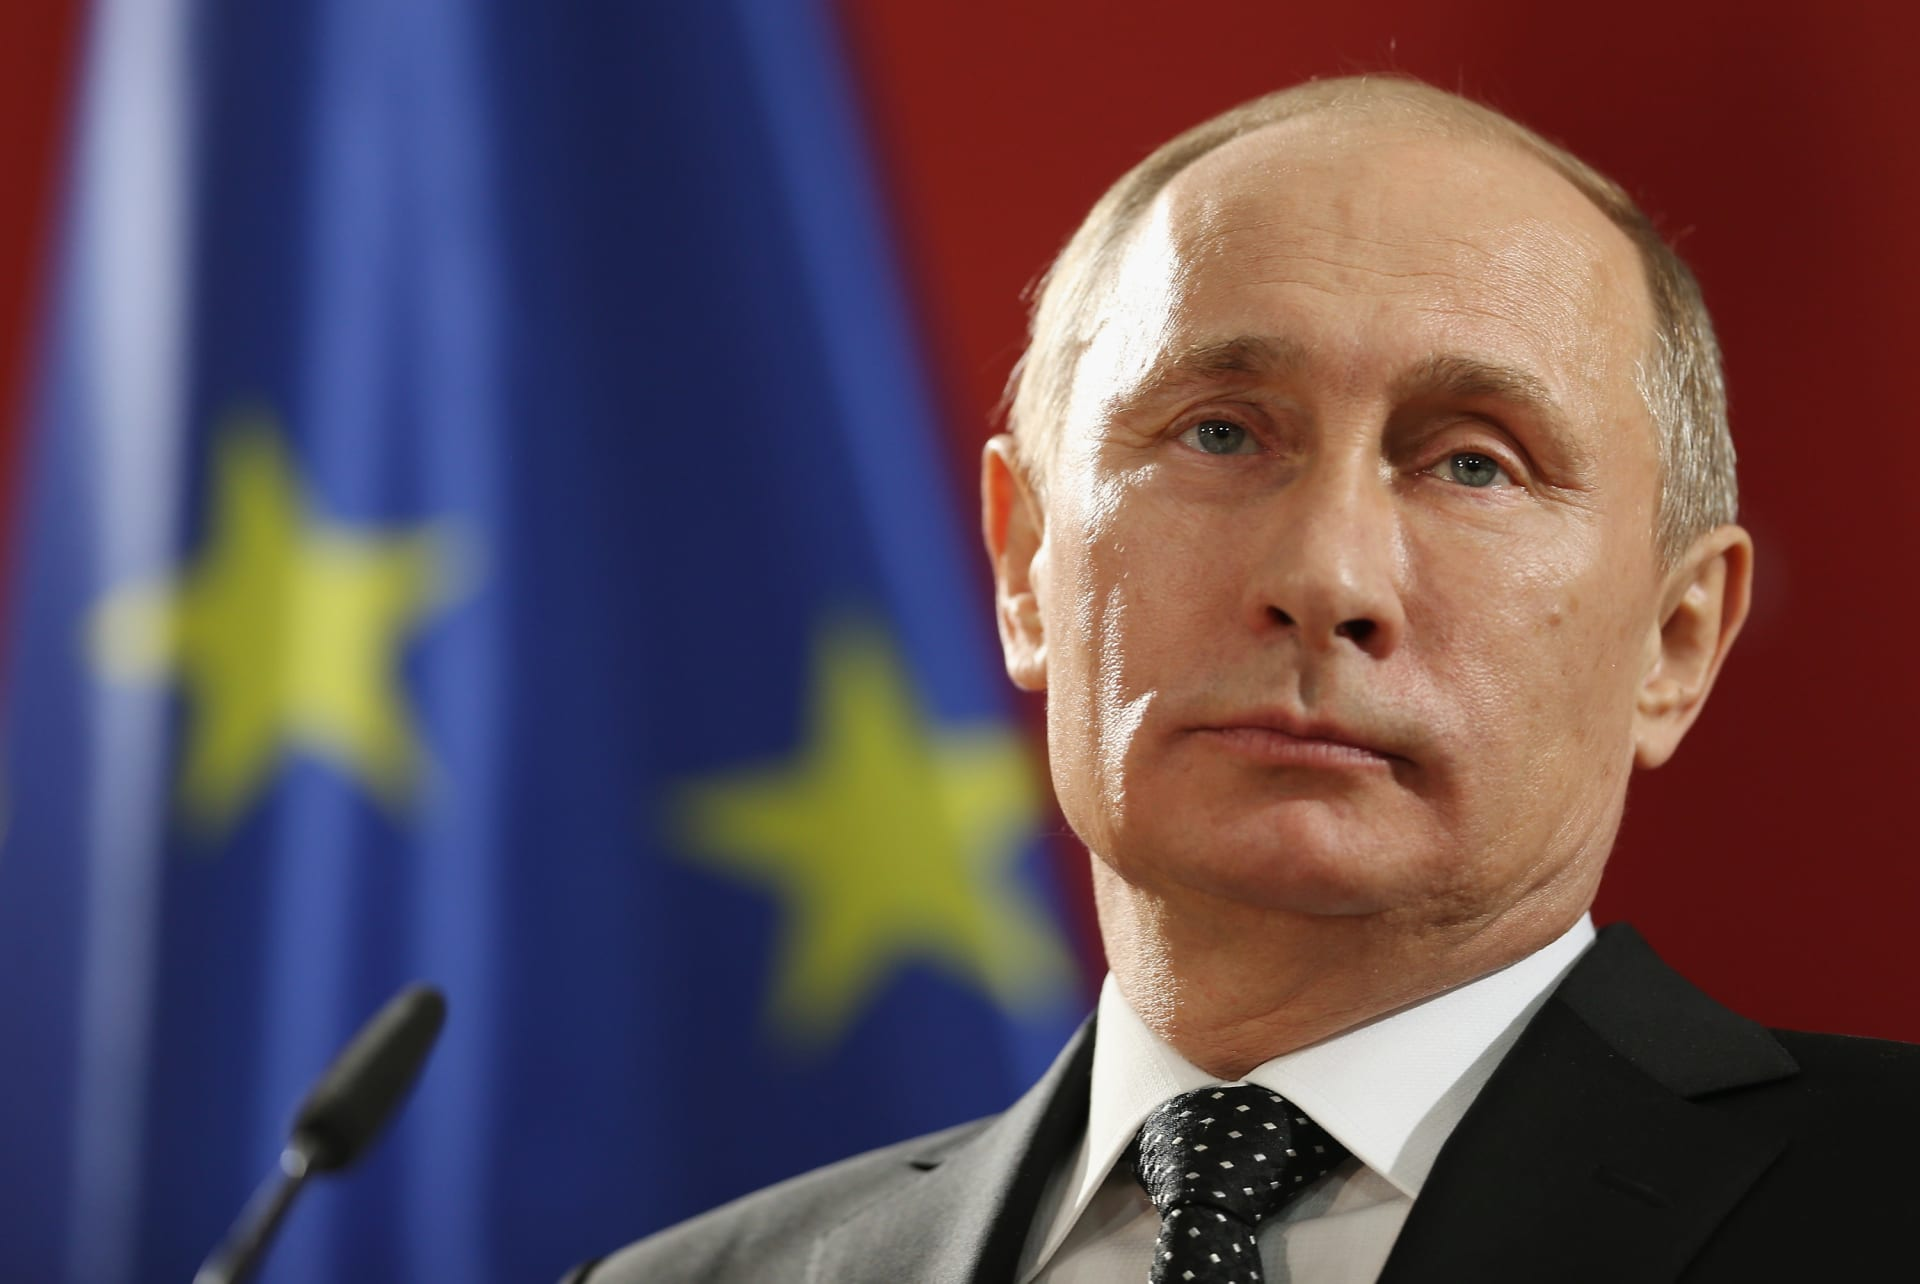 بوتين: الجيش الروسي يقتل المسلحين في سوريا الذين يصفون موسكو بالعدو لحماية مصالحنا الوطنية